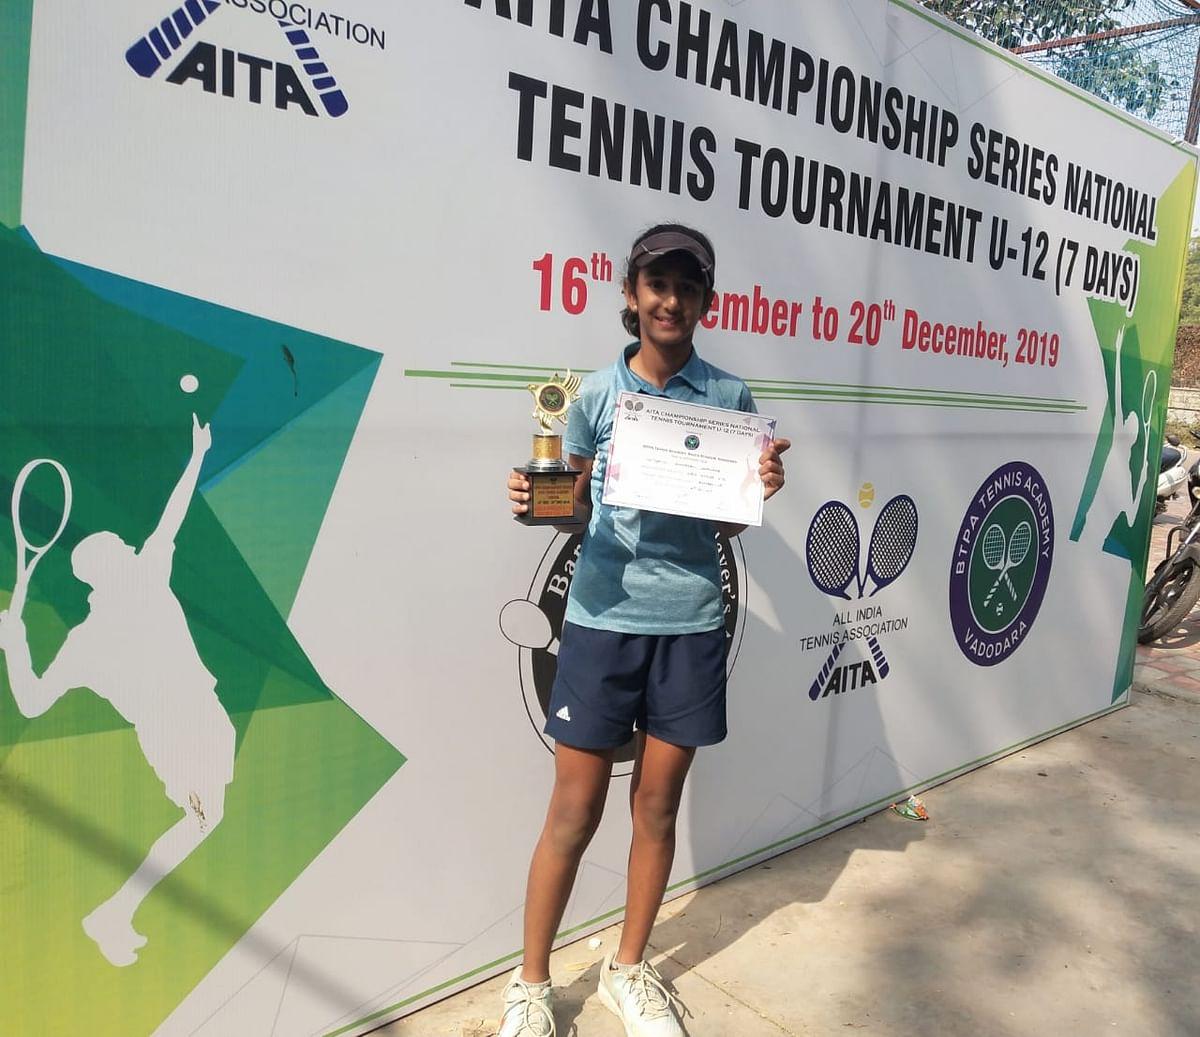 शांभवी सोनवणेचे राष्ट्रीय टेनिस स्पर्धेत यश